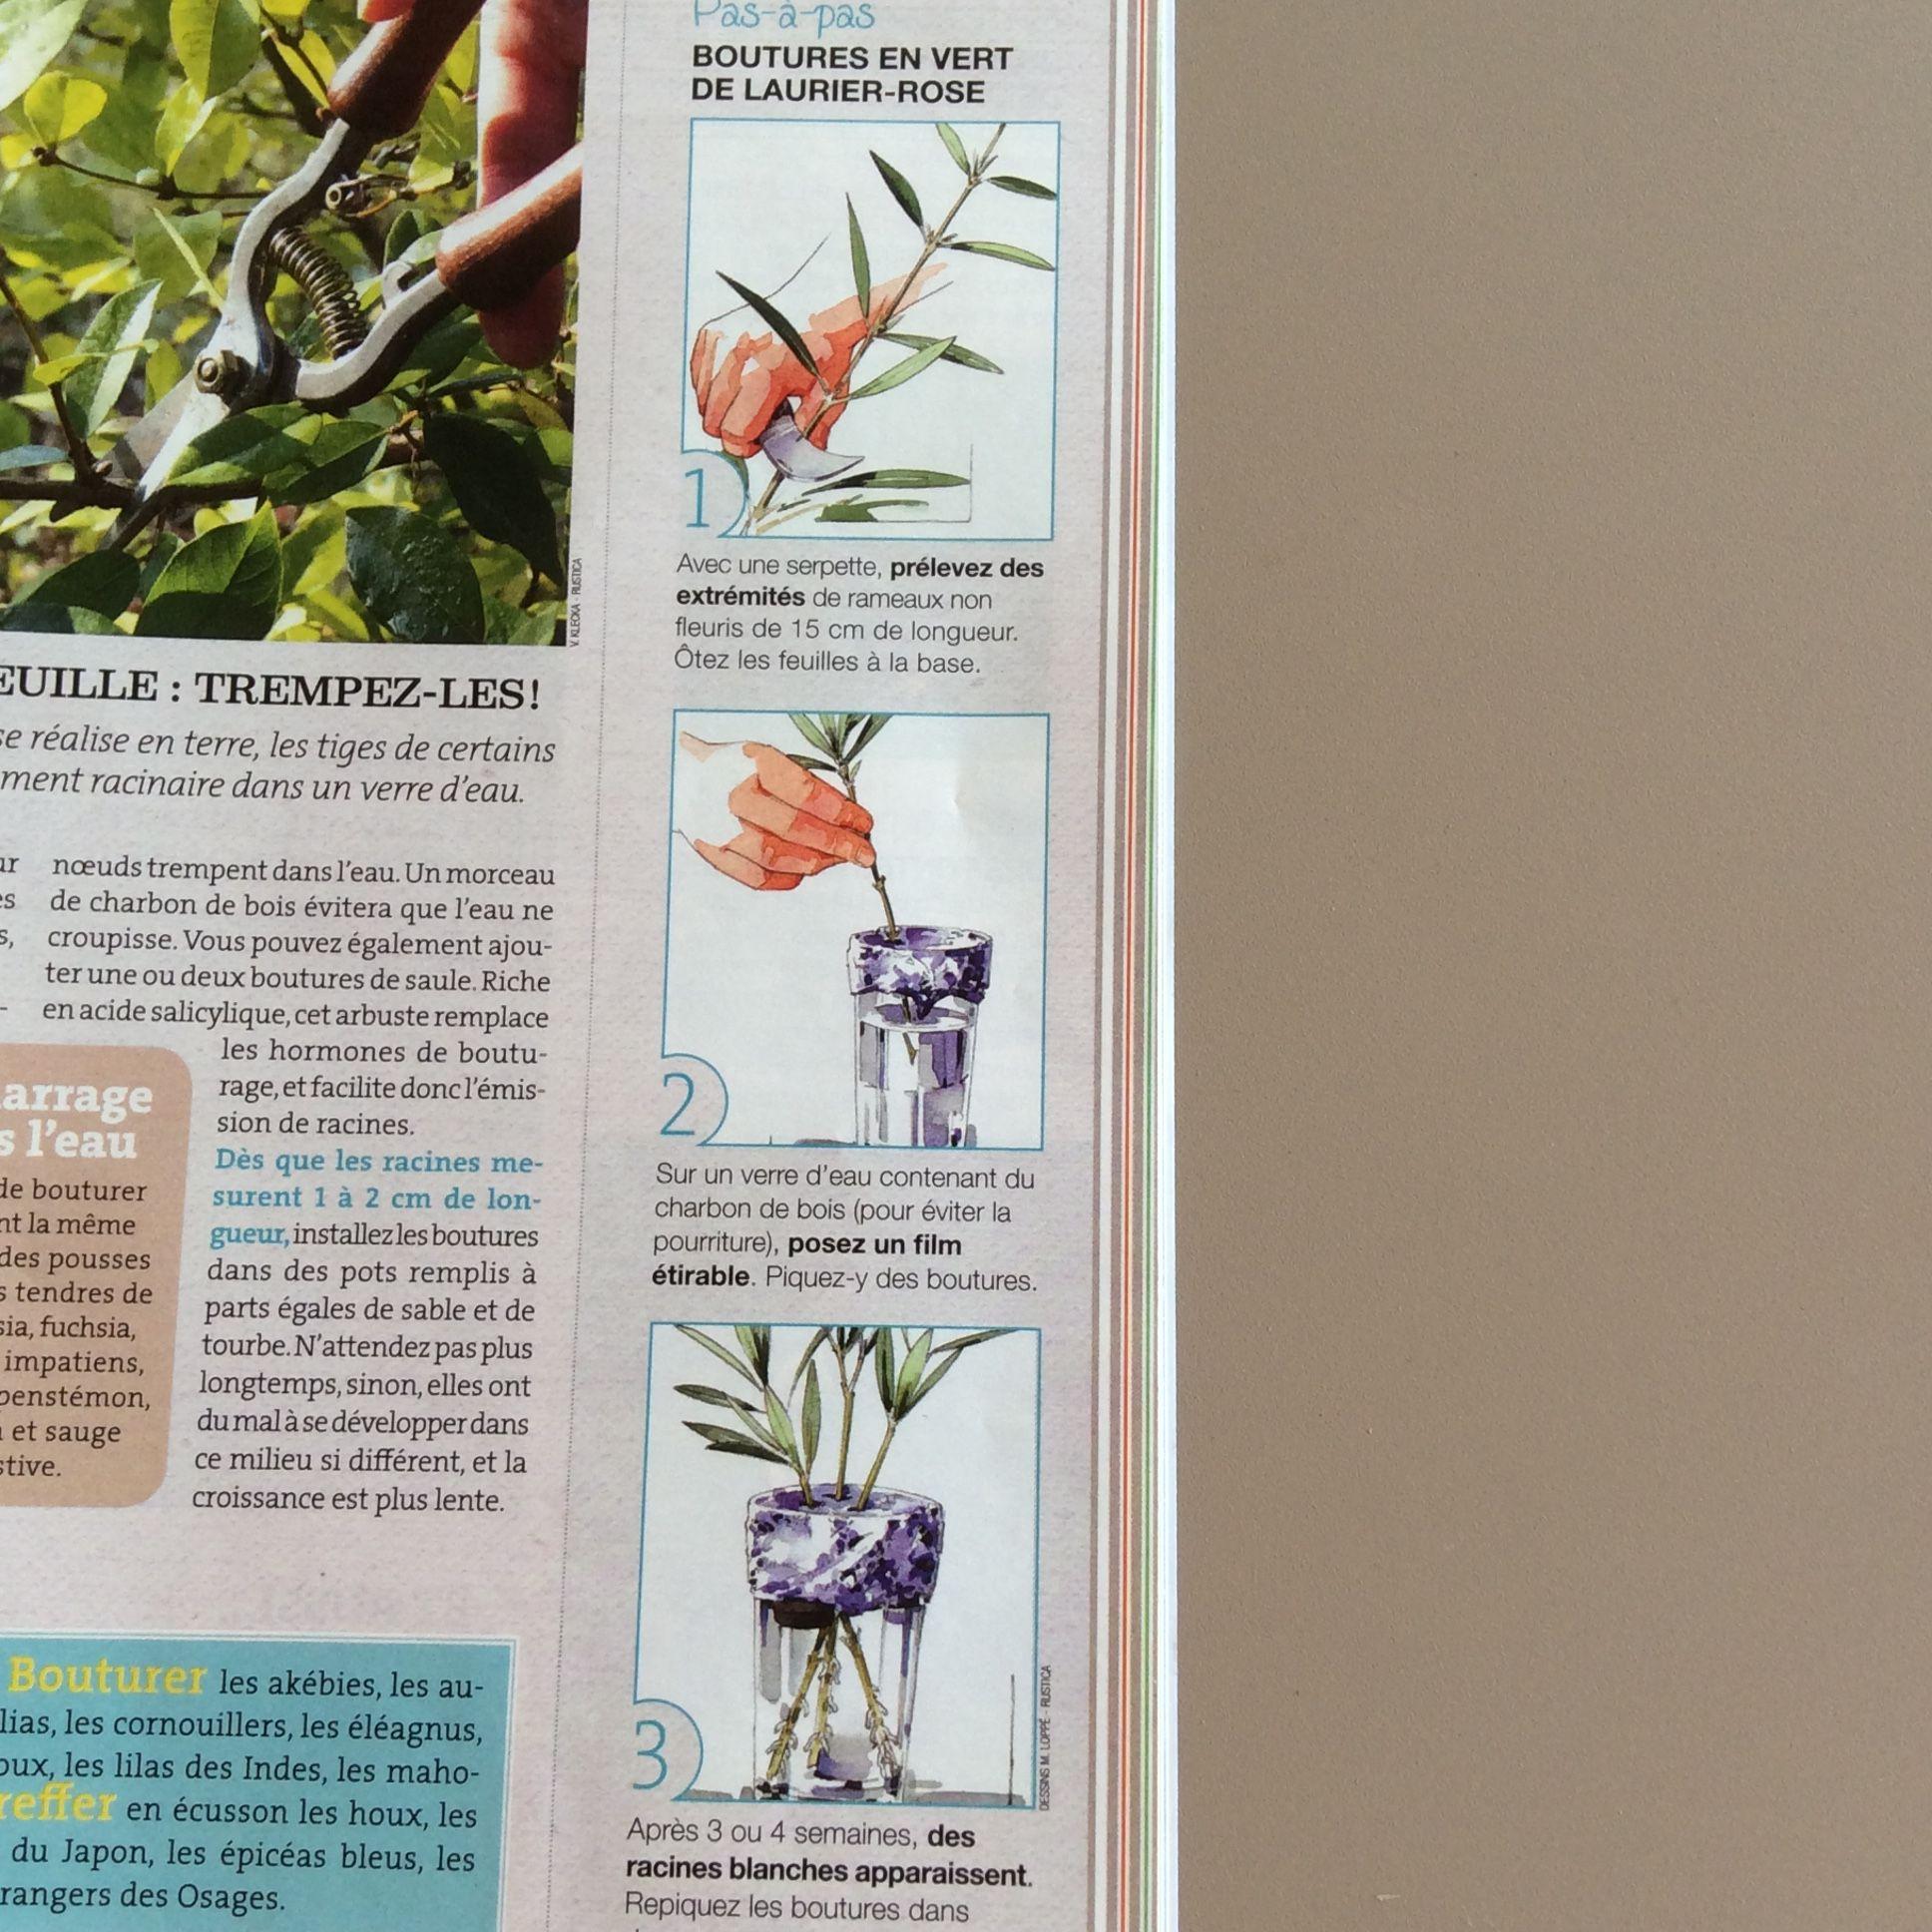 Les 25 meilleures id es de la cat gorie bouture laurier sur pinterest bouture de laurier rose - Laurier comestible comment reconnaitre ...